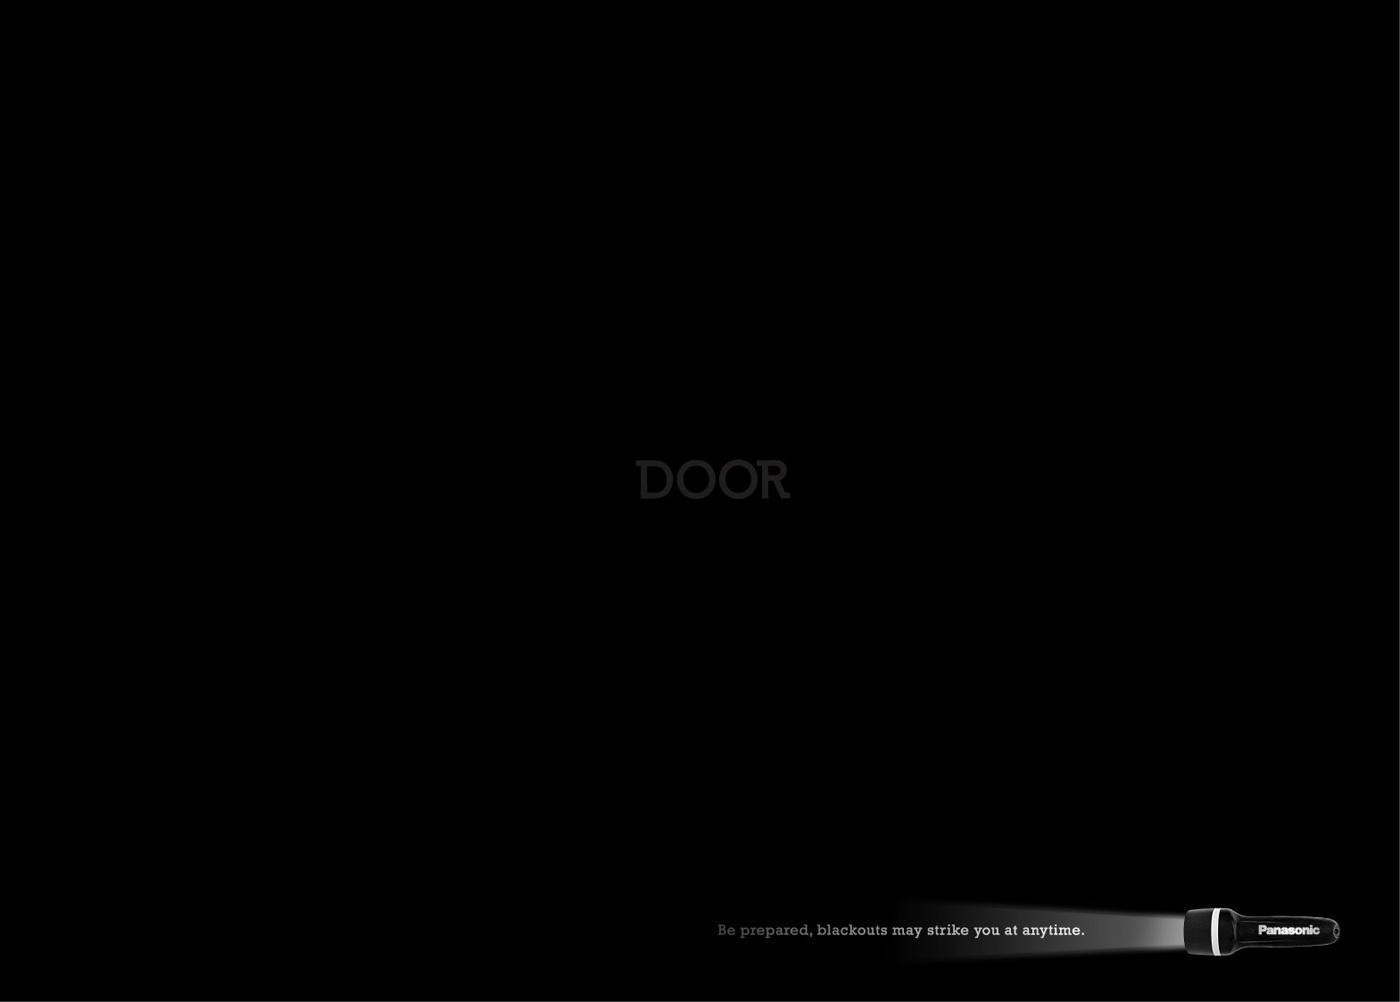 Panasonic Print Ad -  Door